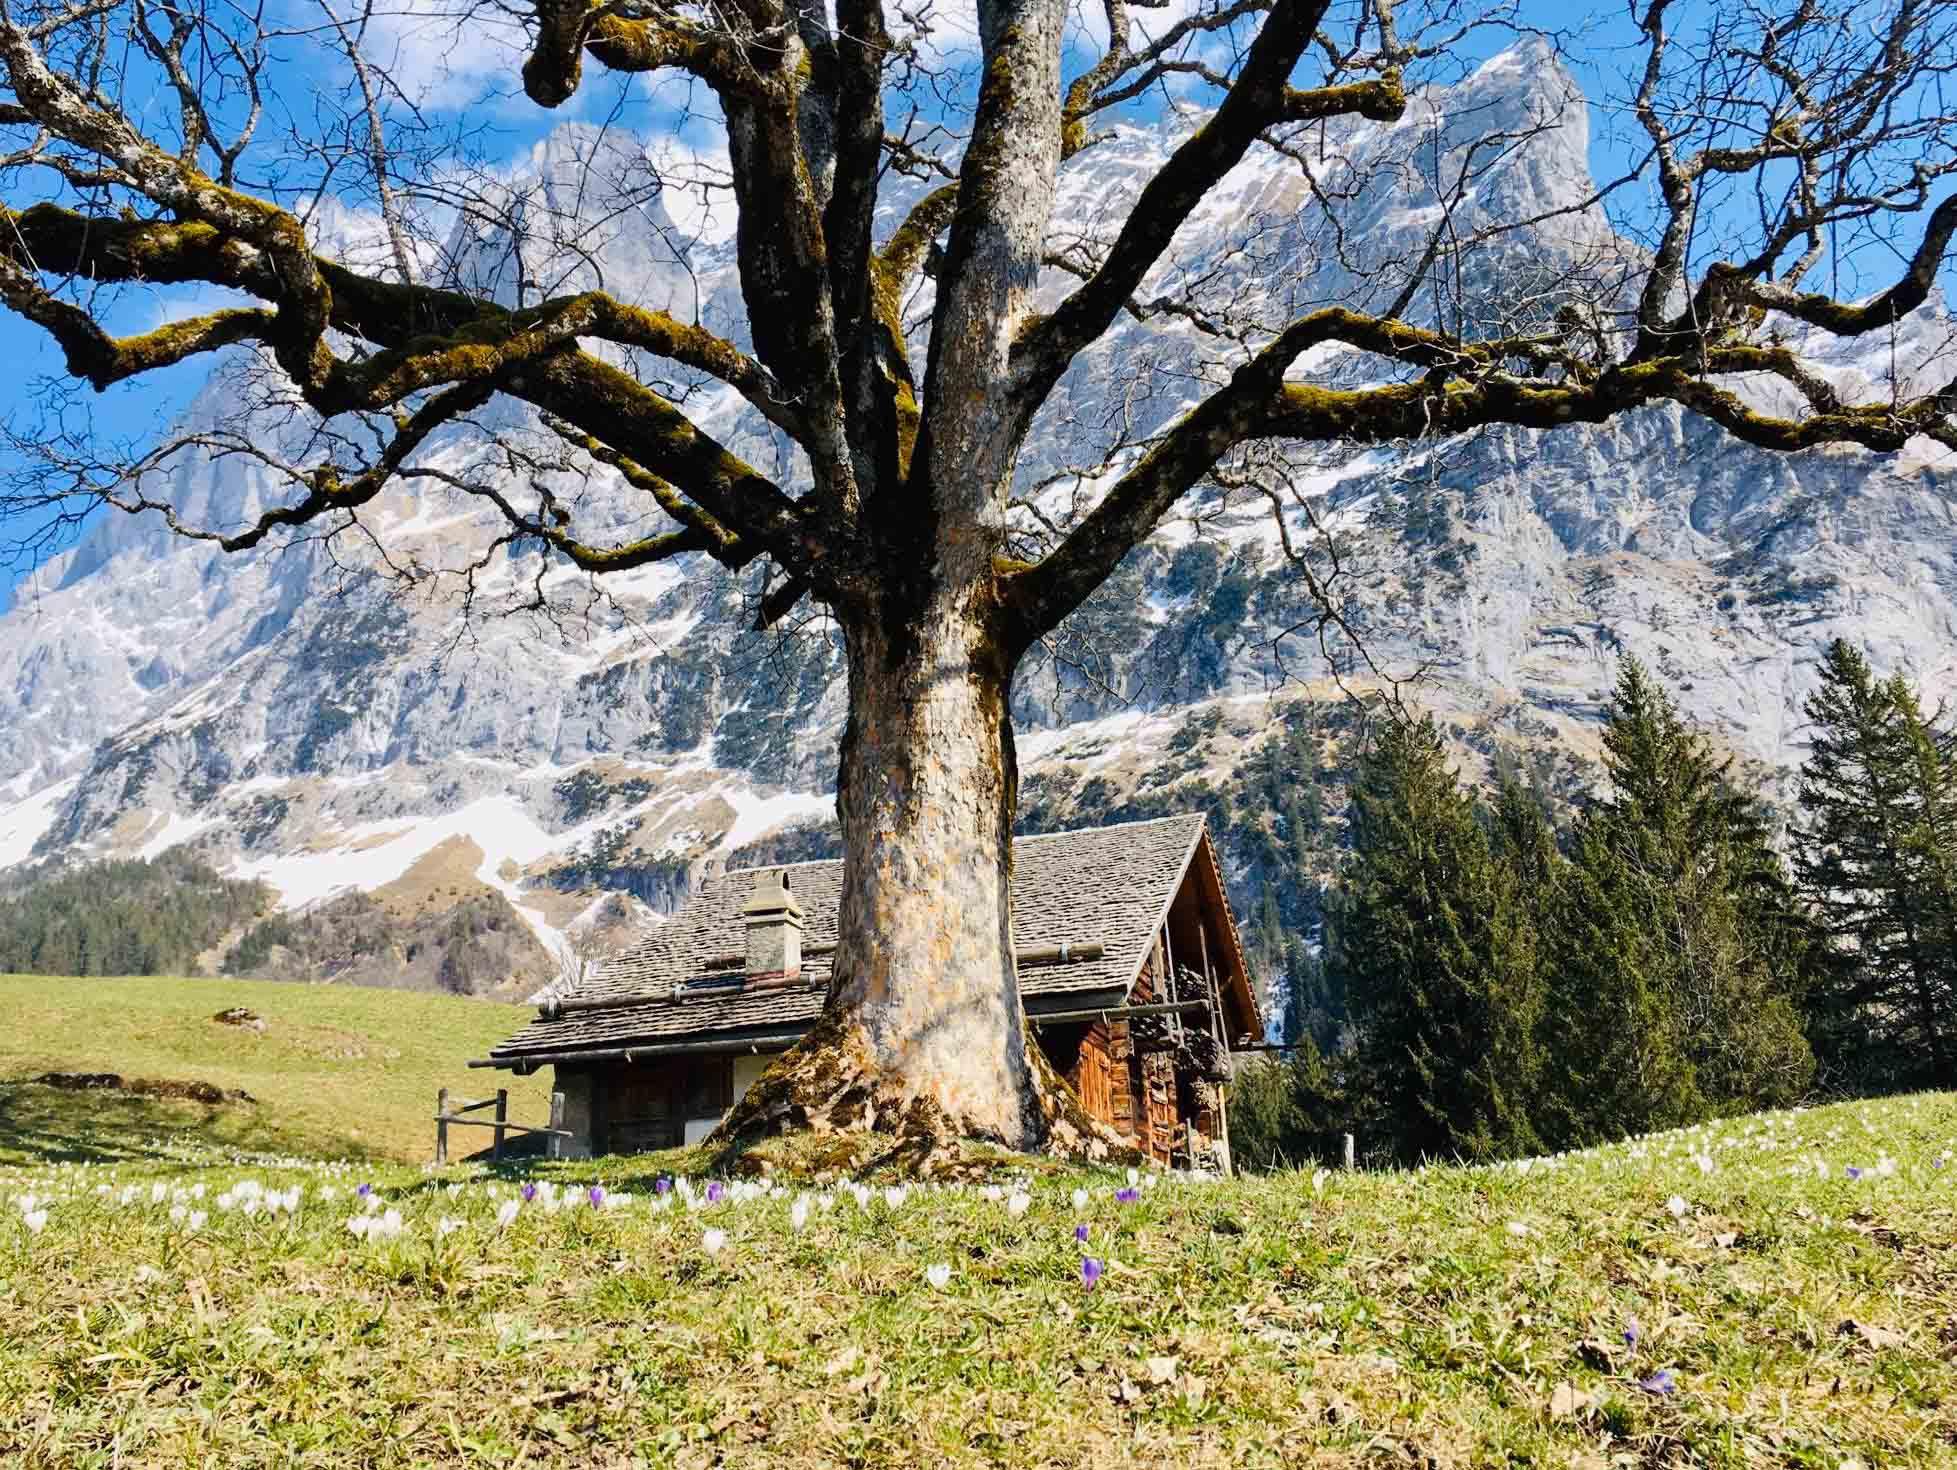 Ferienwohnung Chalet Anemone Grindelwald-Oberer Grindelwaldgletscher